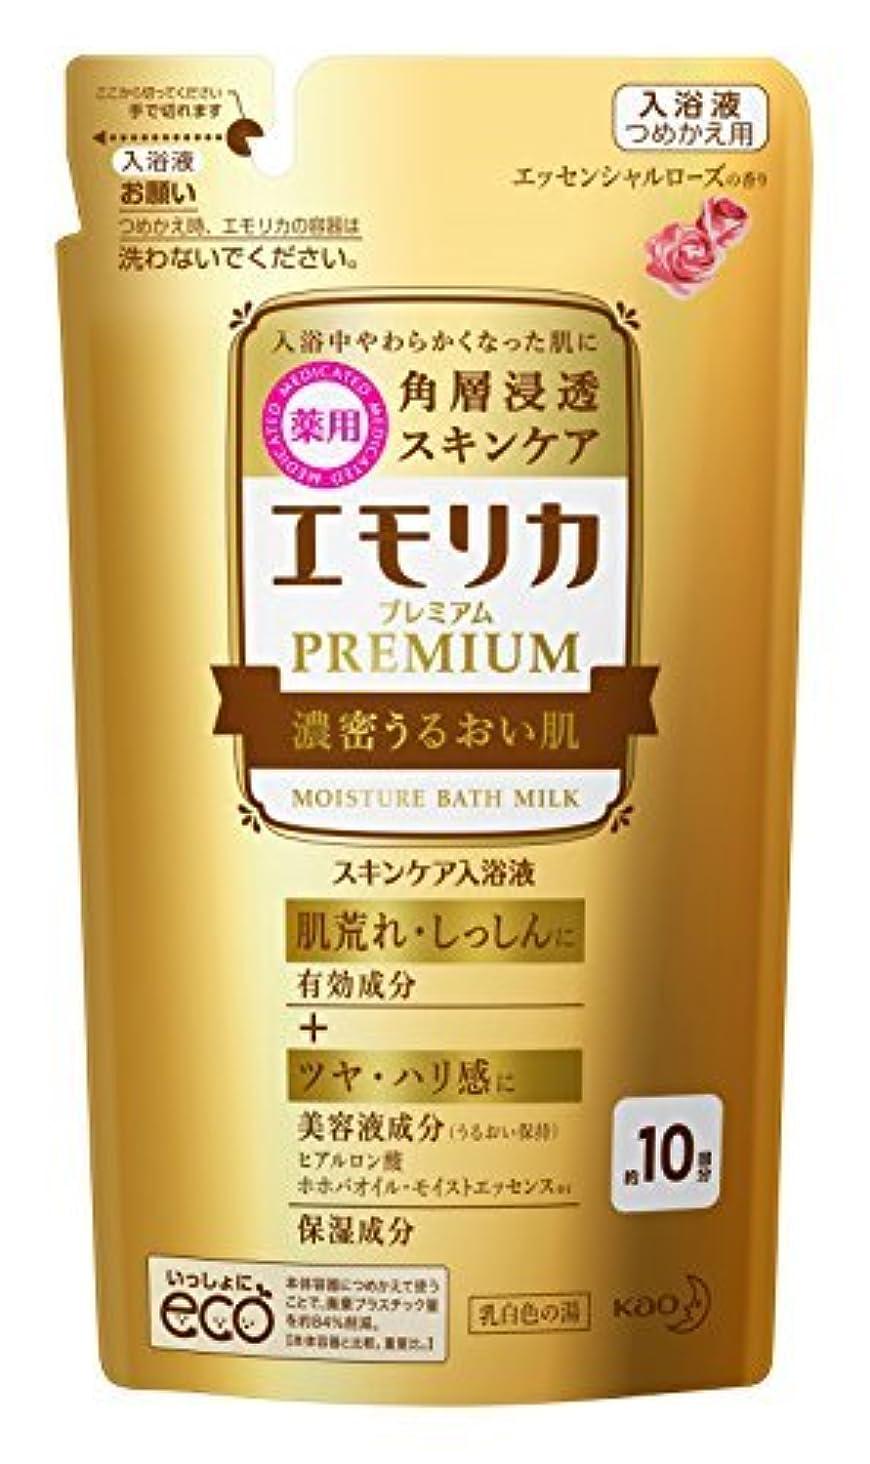 雄弁なつかむ飾り羽エモリカ プレミアム 濃密うるおい肌 つめかえ用 300ml 入浴剤 Japan